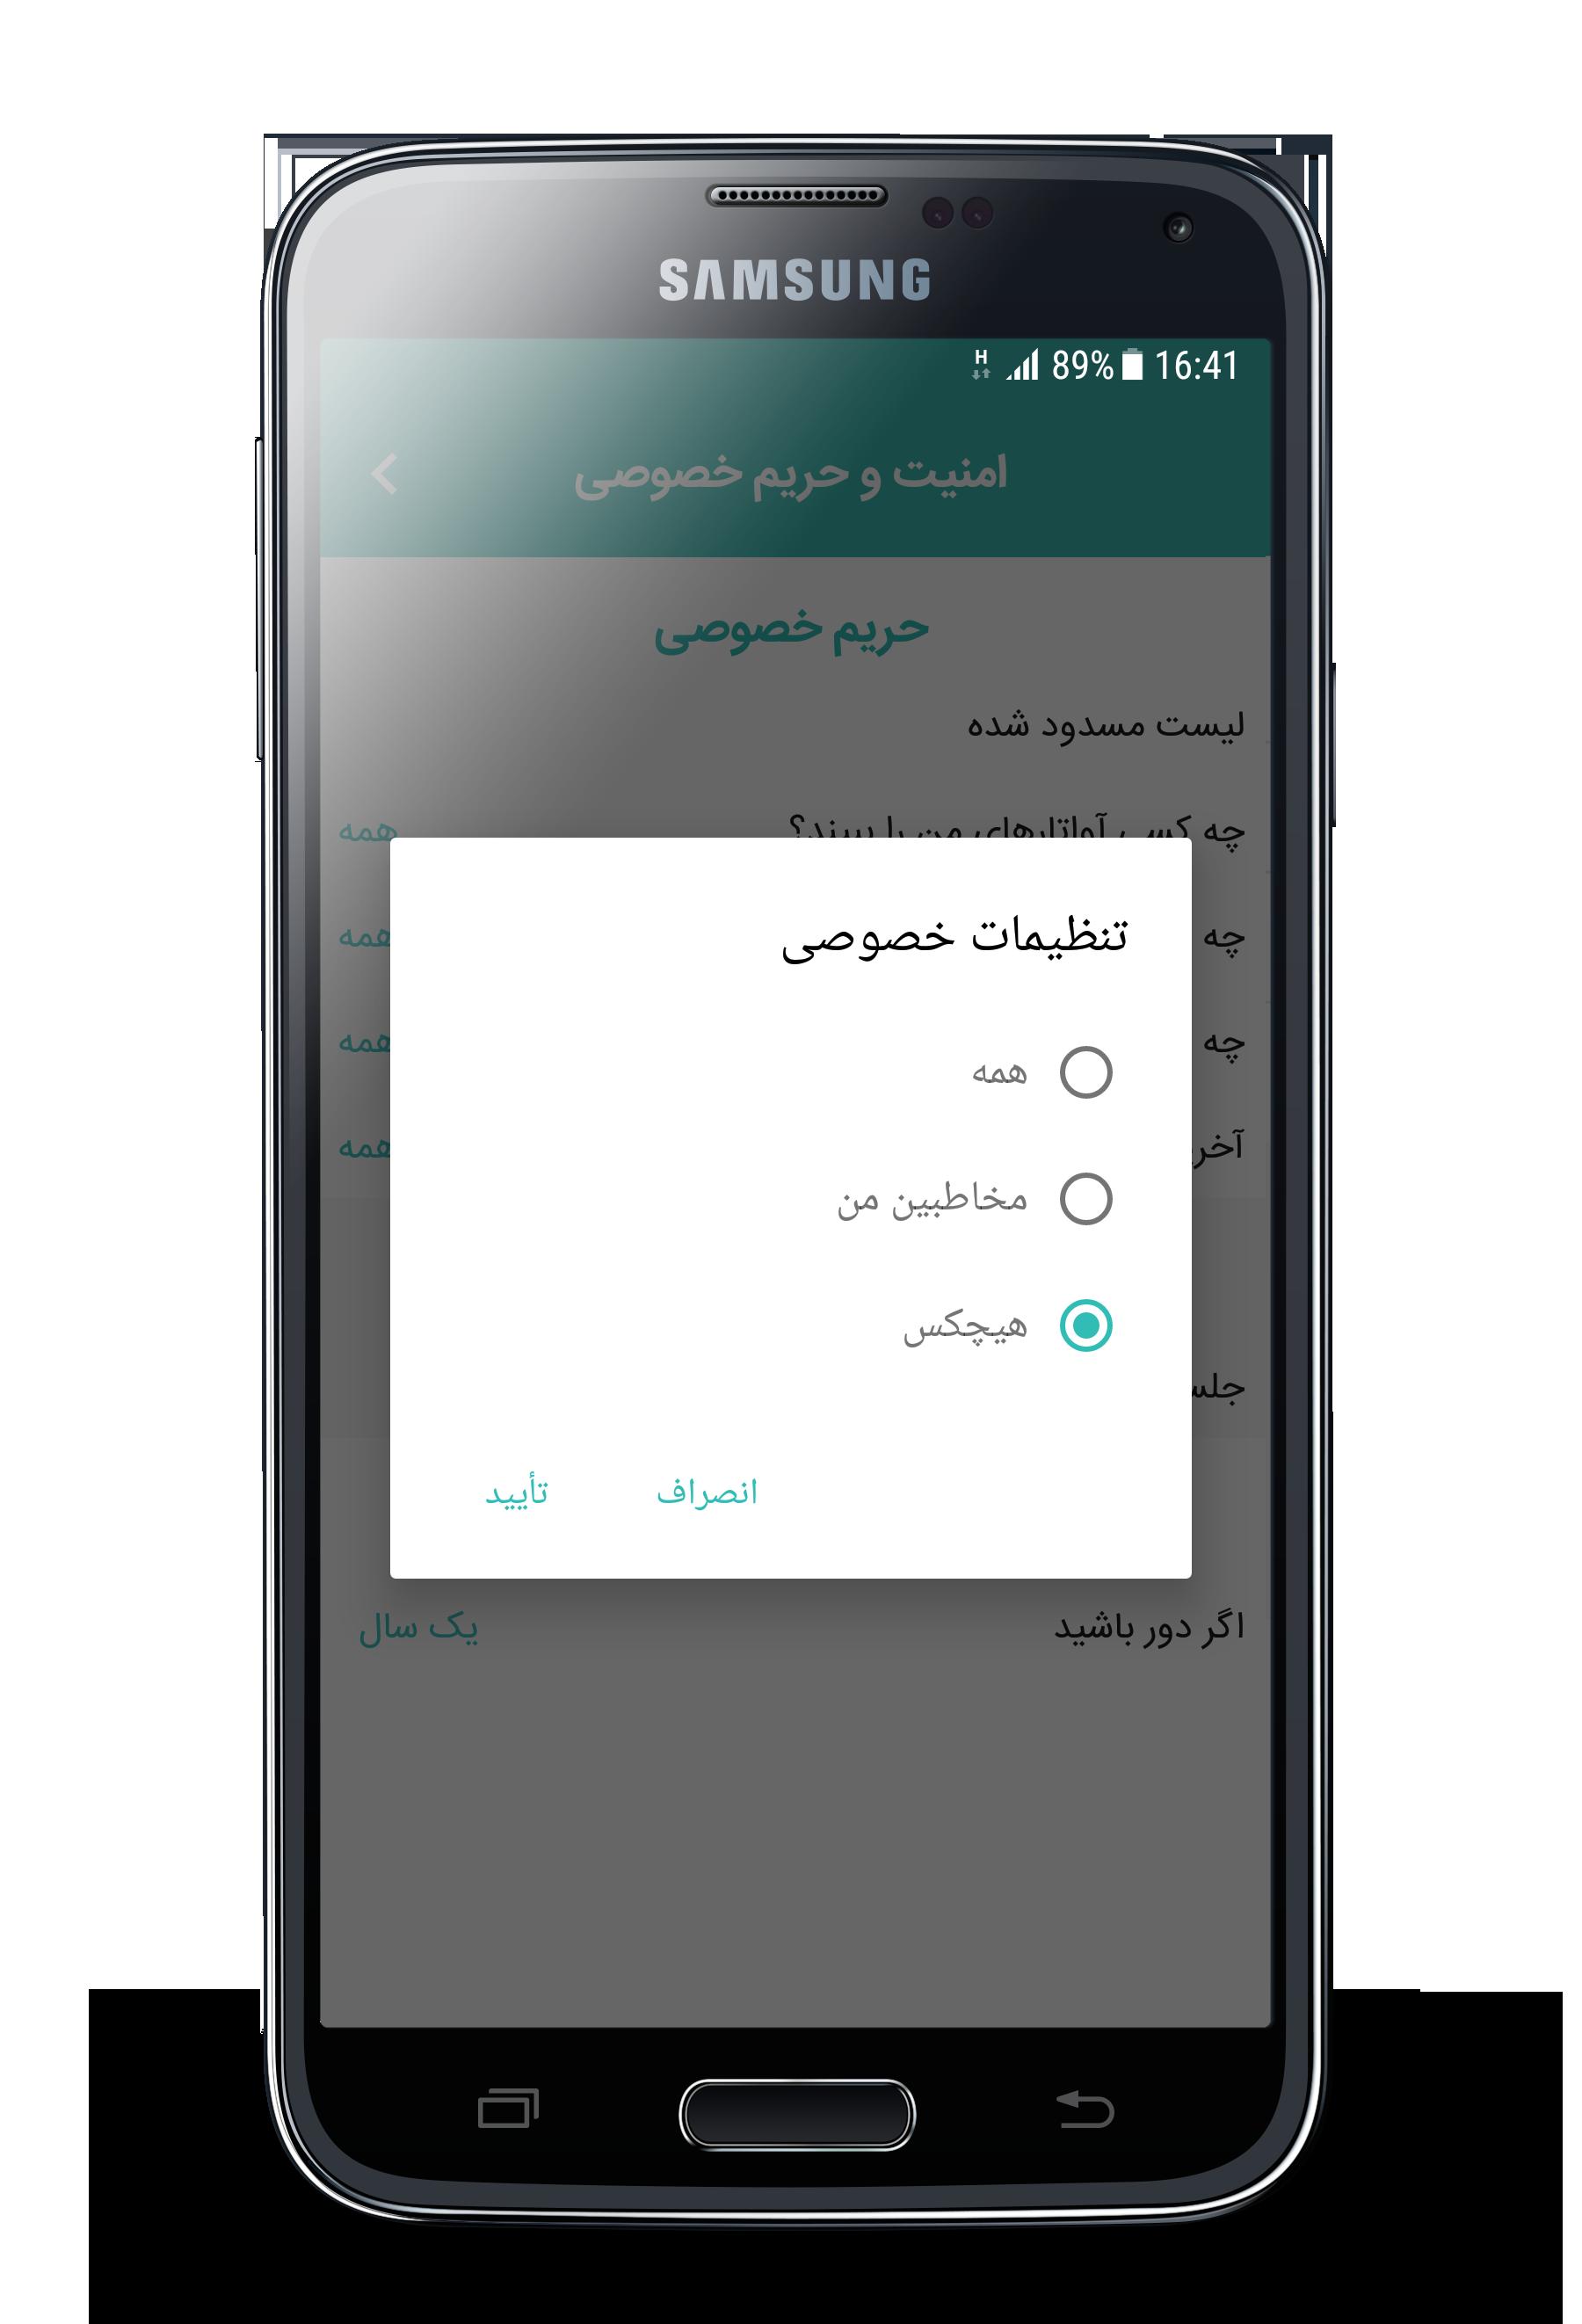 حریم خصوصی و نمایش عکس پروفایل در اندروید آیگپ